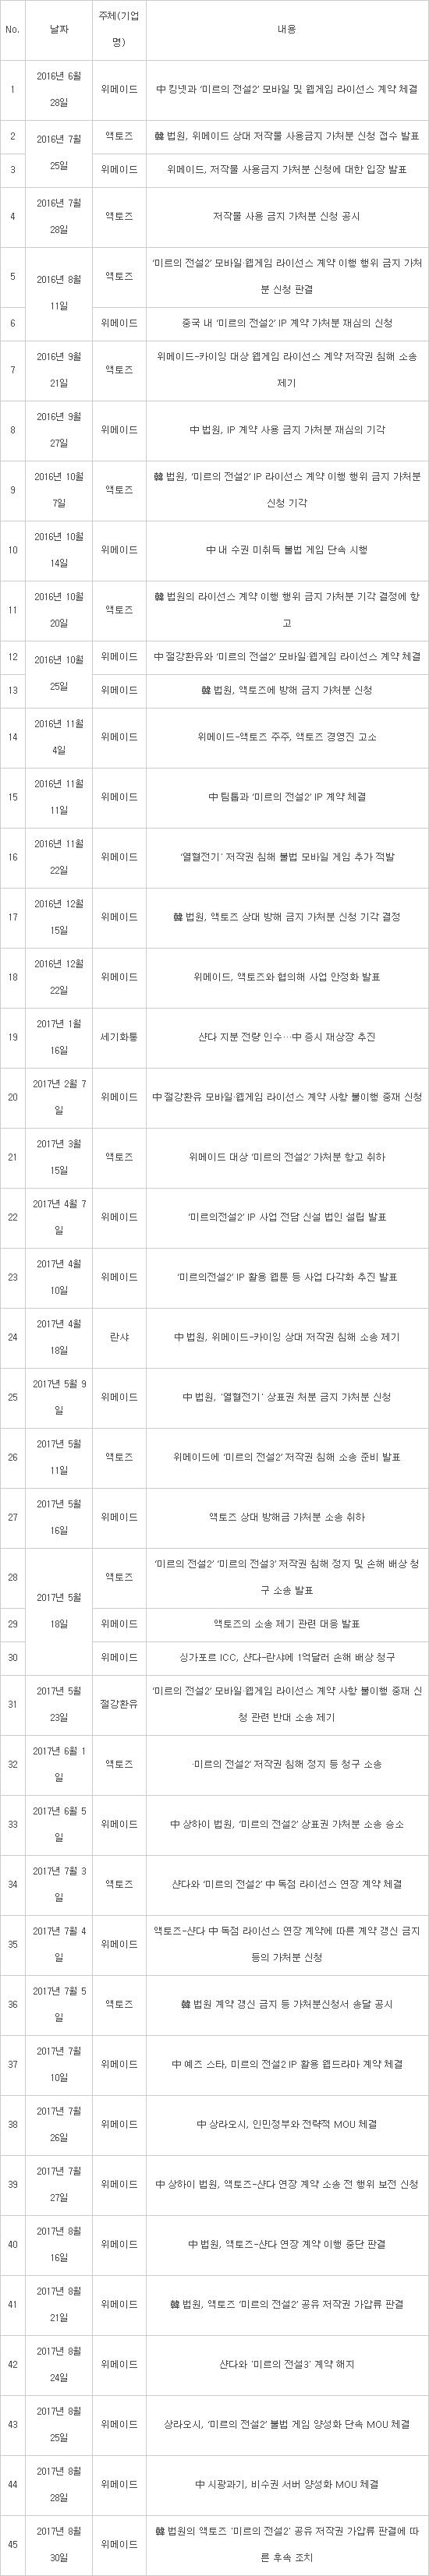 2016-2017 위메이드-액토즈 소송 일지